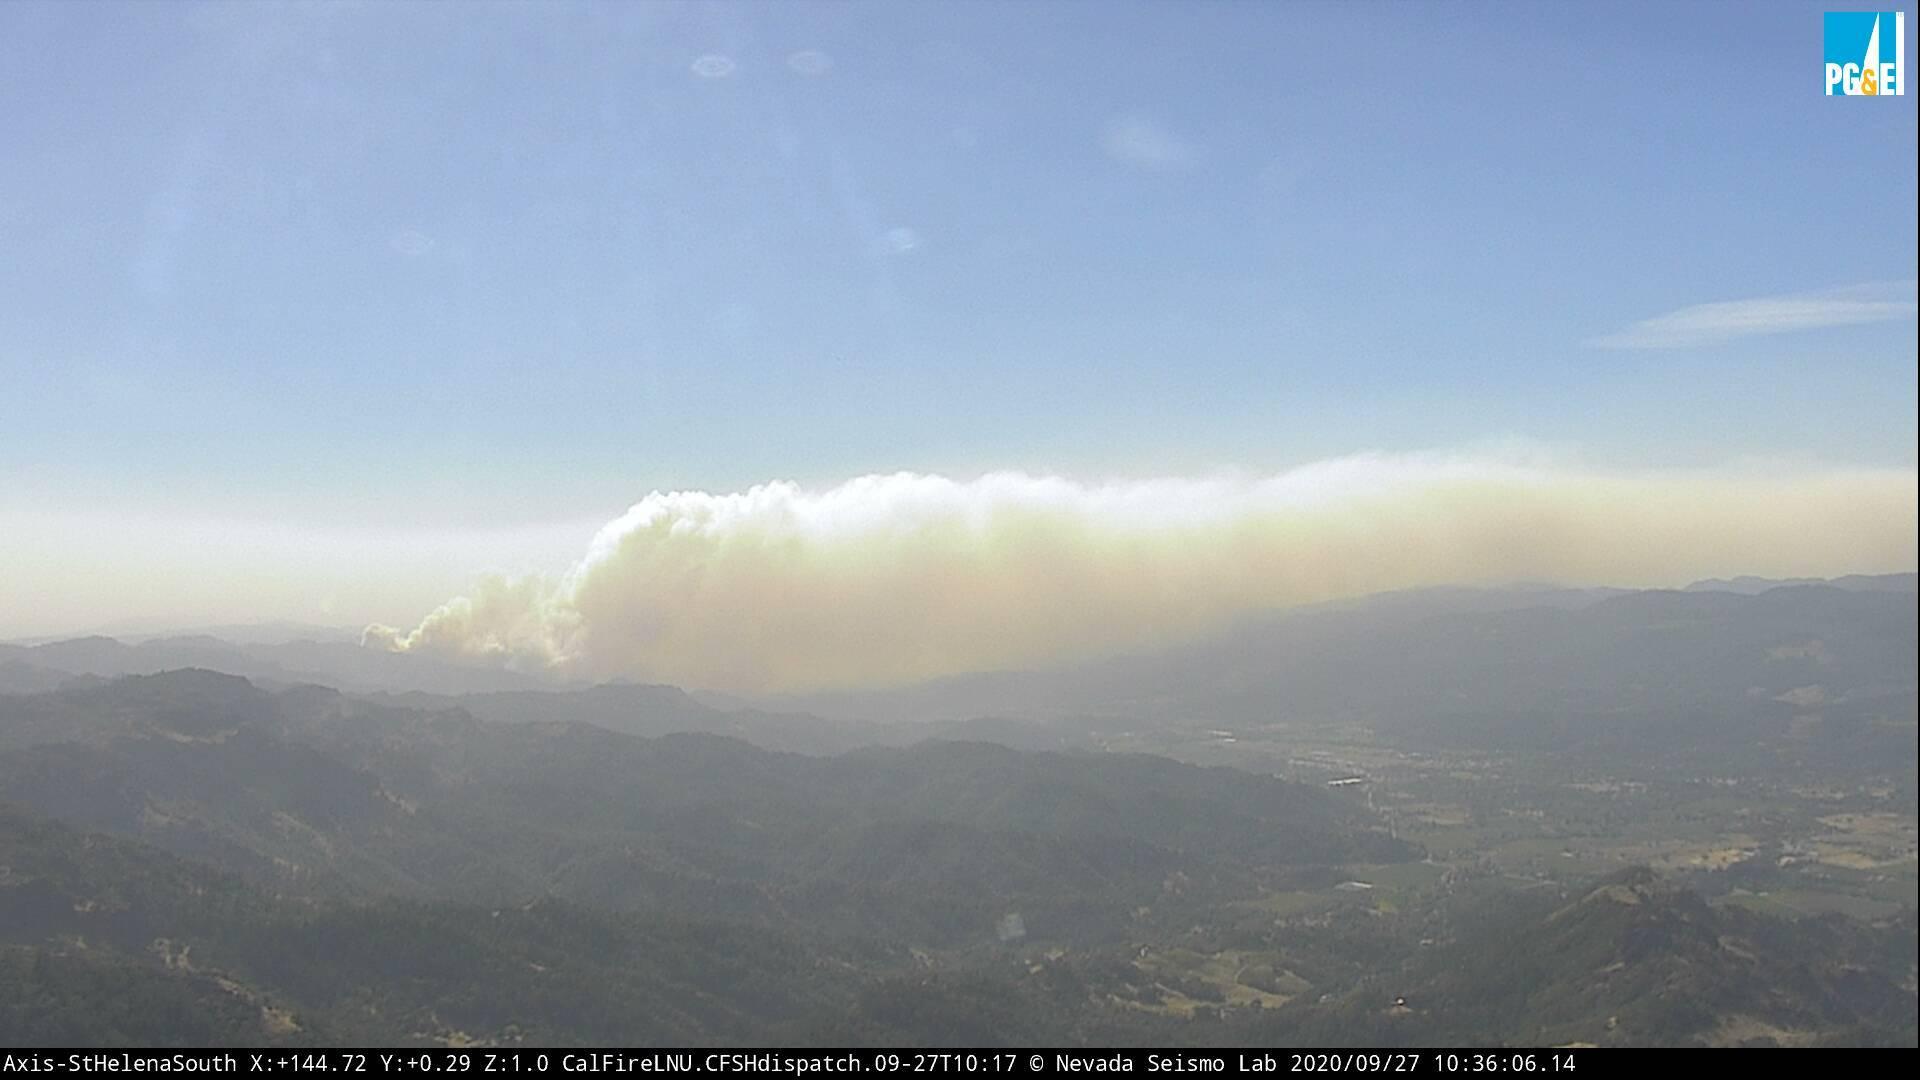 Smoke_Mt._Helena._jpg.jpg - 97.22 kB